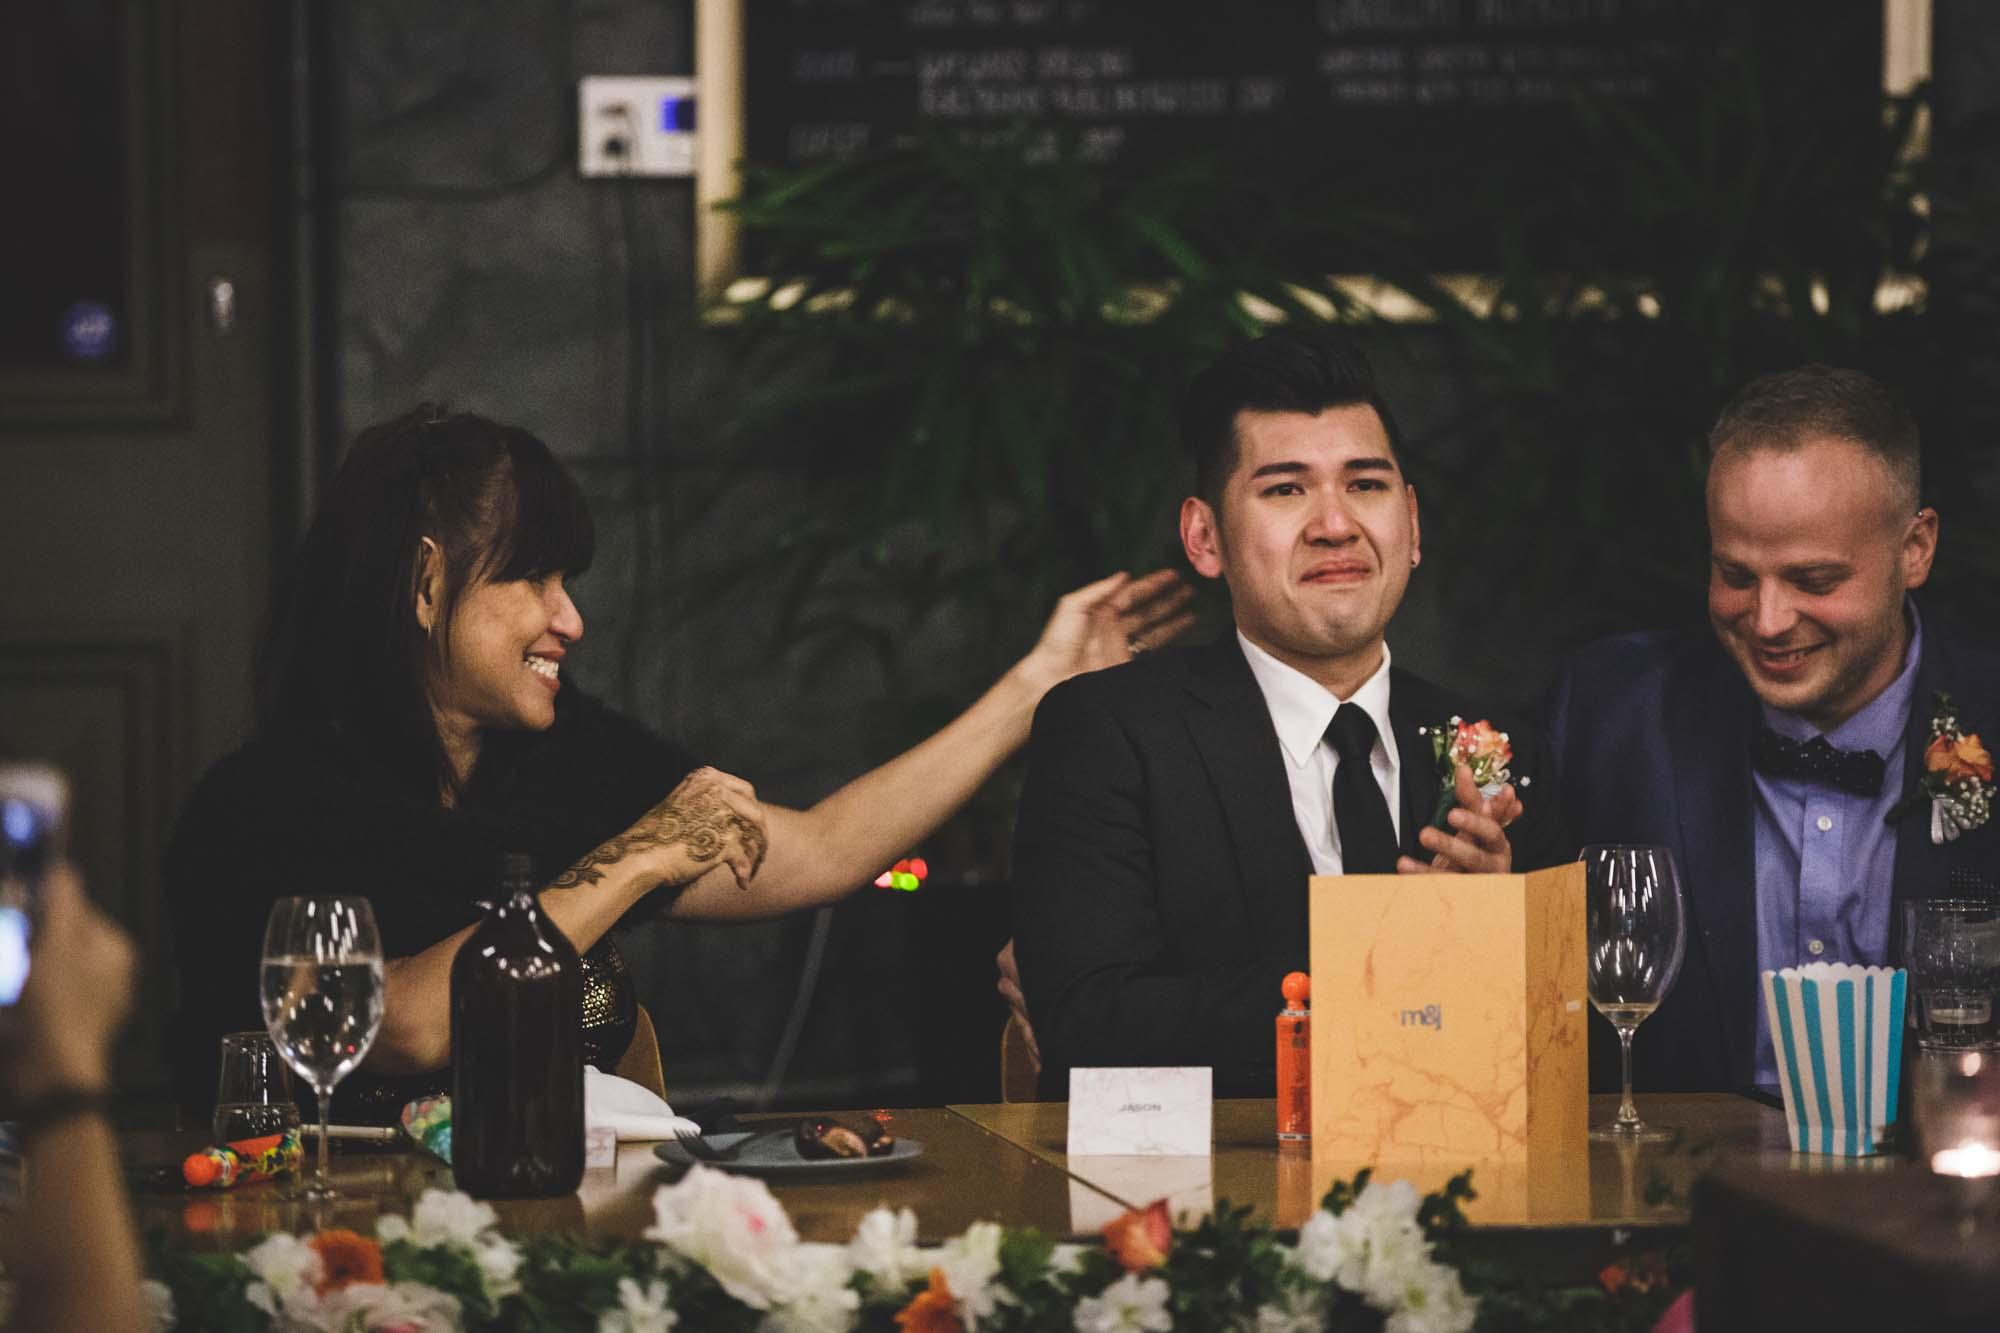 ©Sherman Tan Studio_Melbourne Candid Wedding Photography_Matt & Jason_07_First Speech_073.jpg